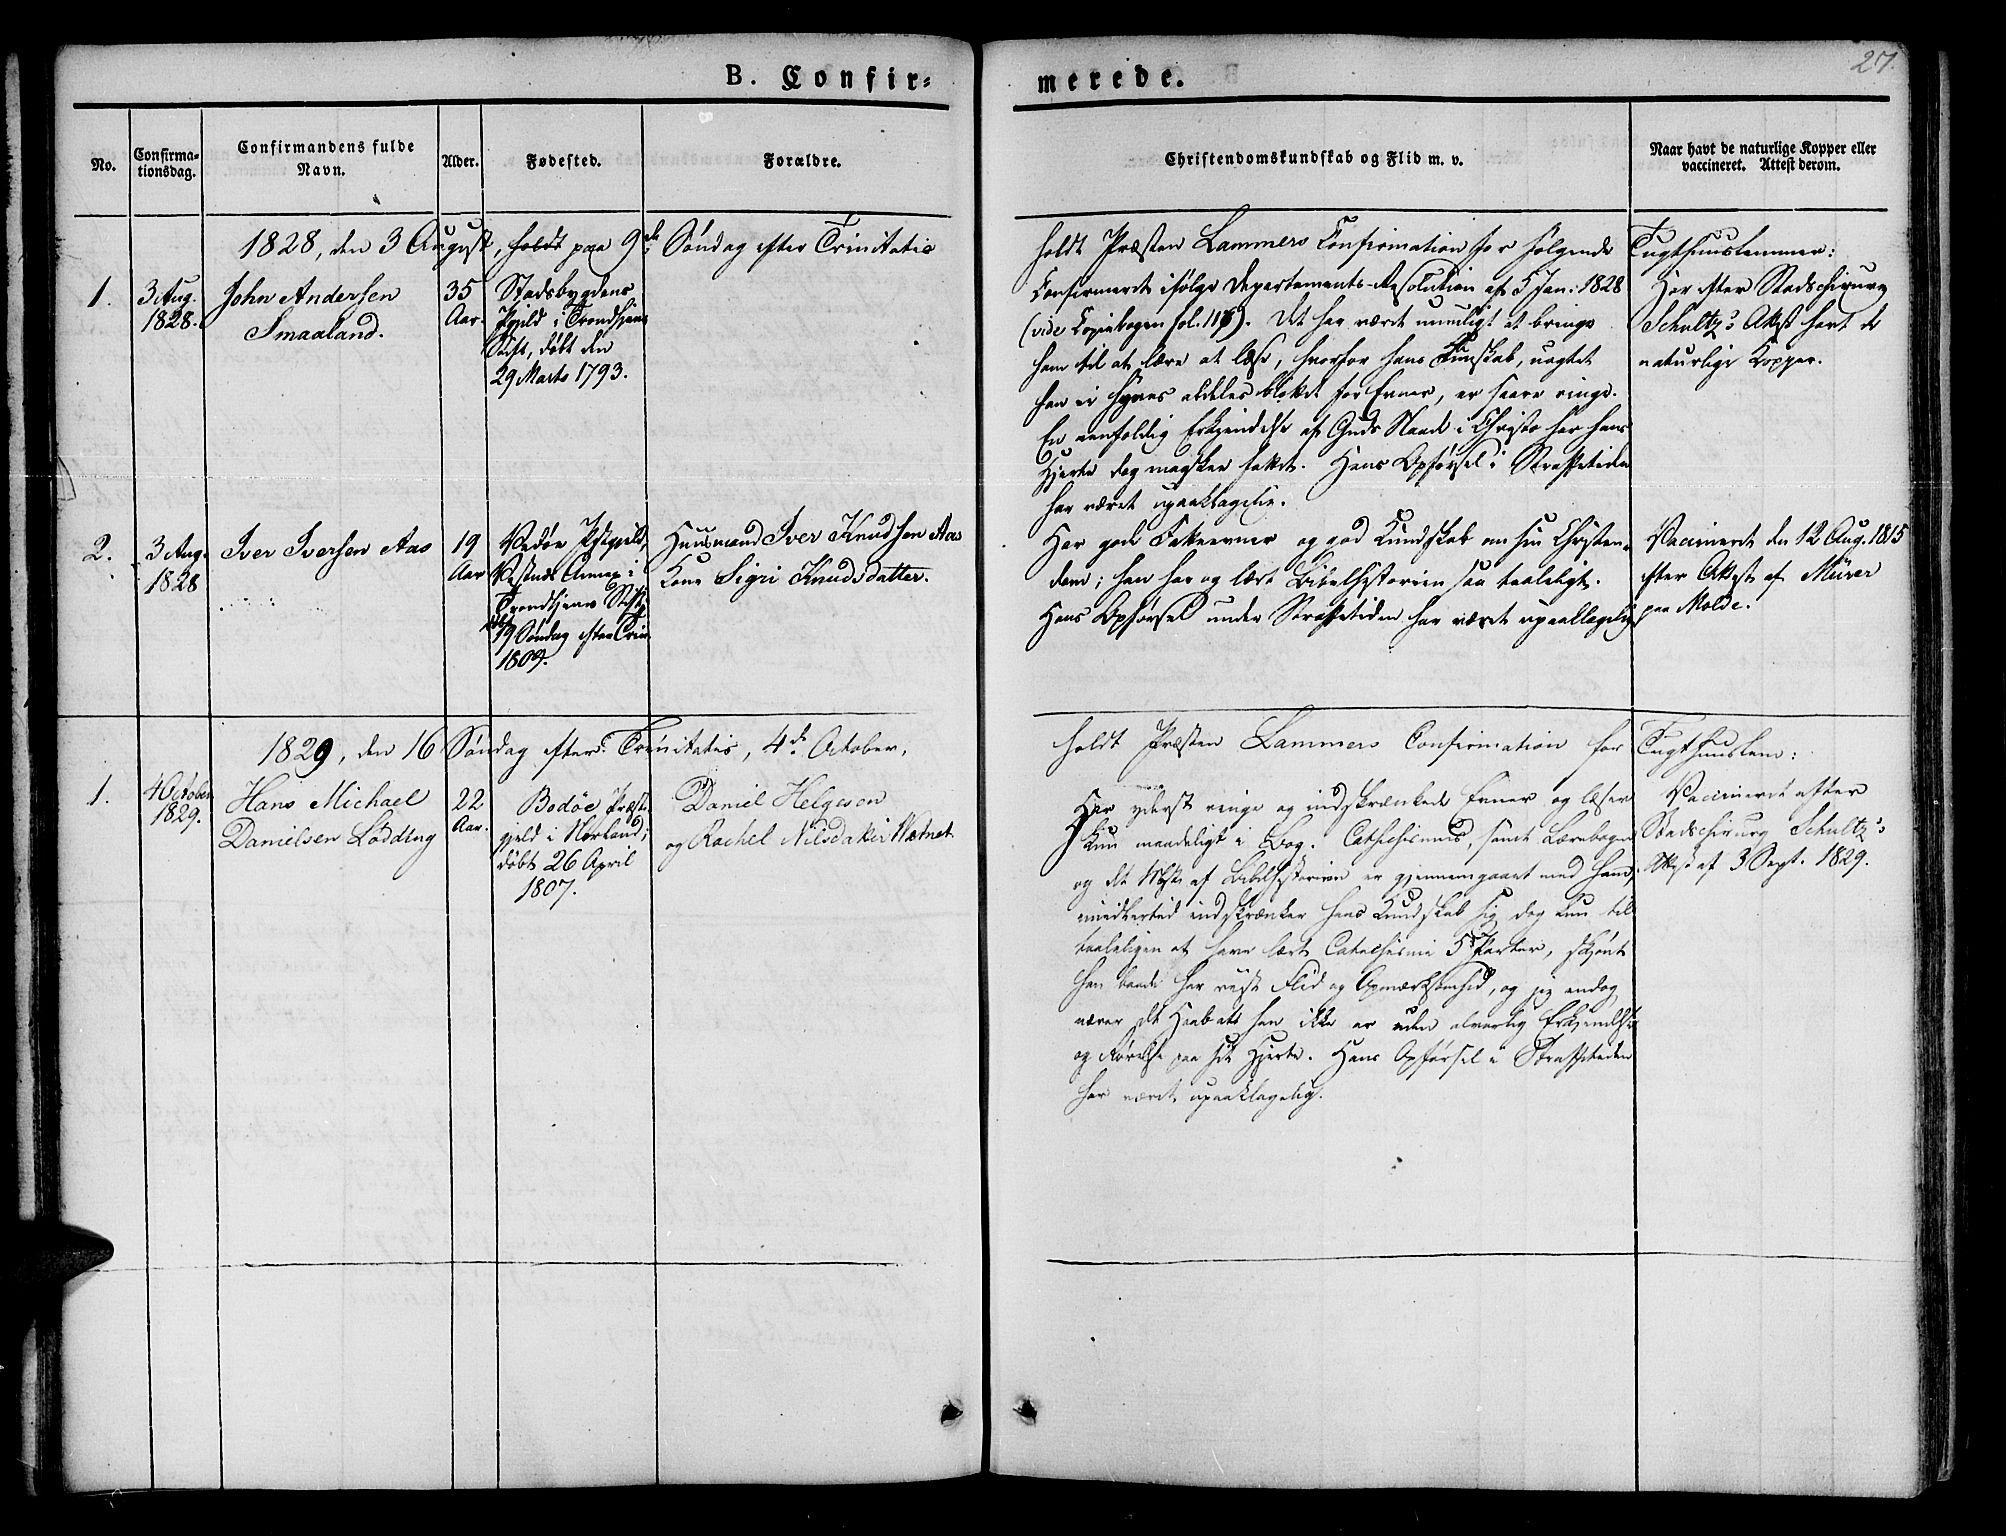 SAT, Ministerialprotokoller, klokkerbøker og fødselsregistre - Sør-Trøndelag, 623/L0468: Ministerialbok nr. 623A02, 1826-1867, s. 27